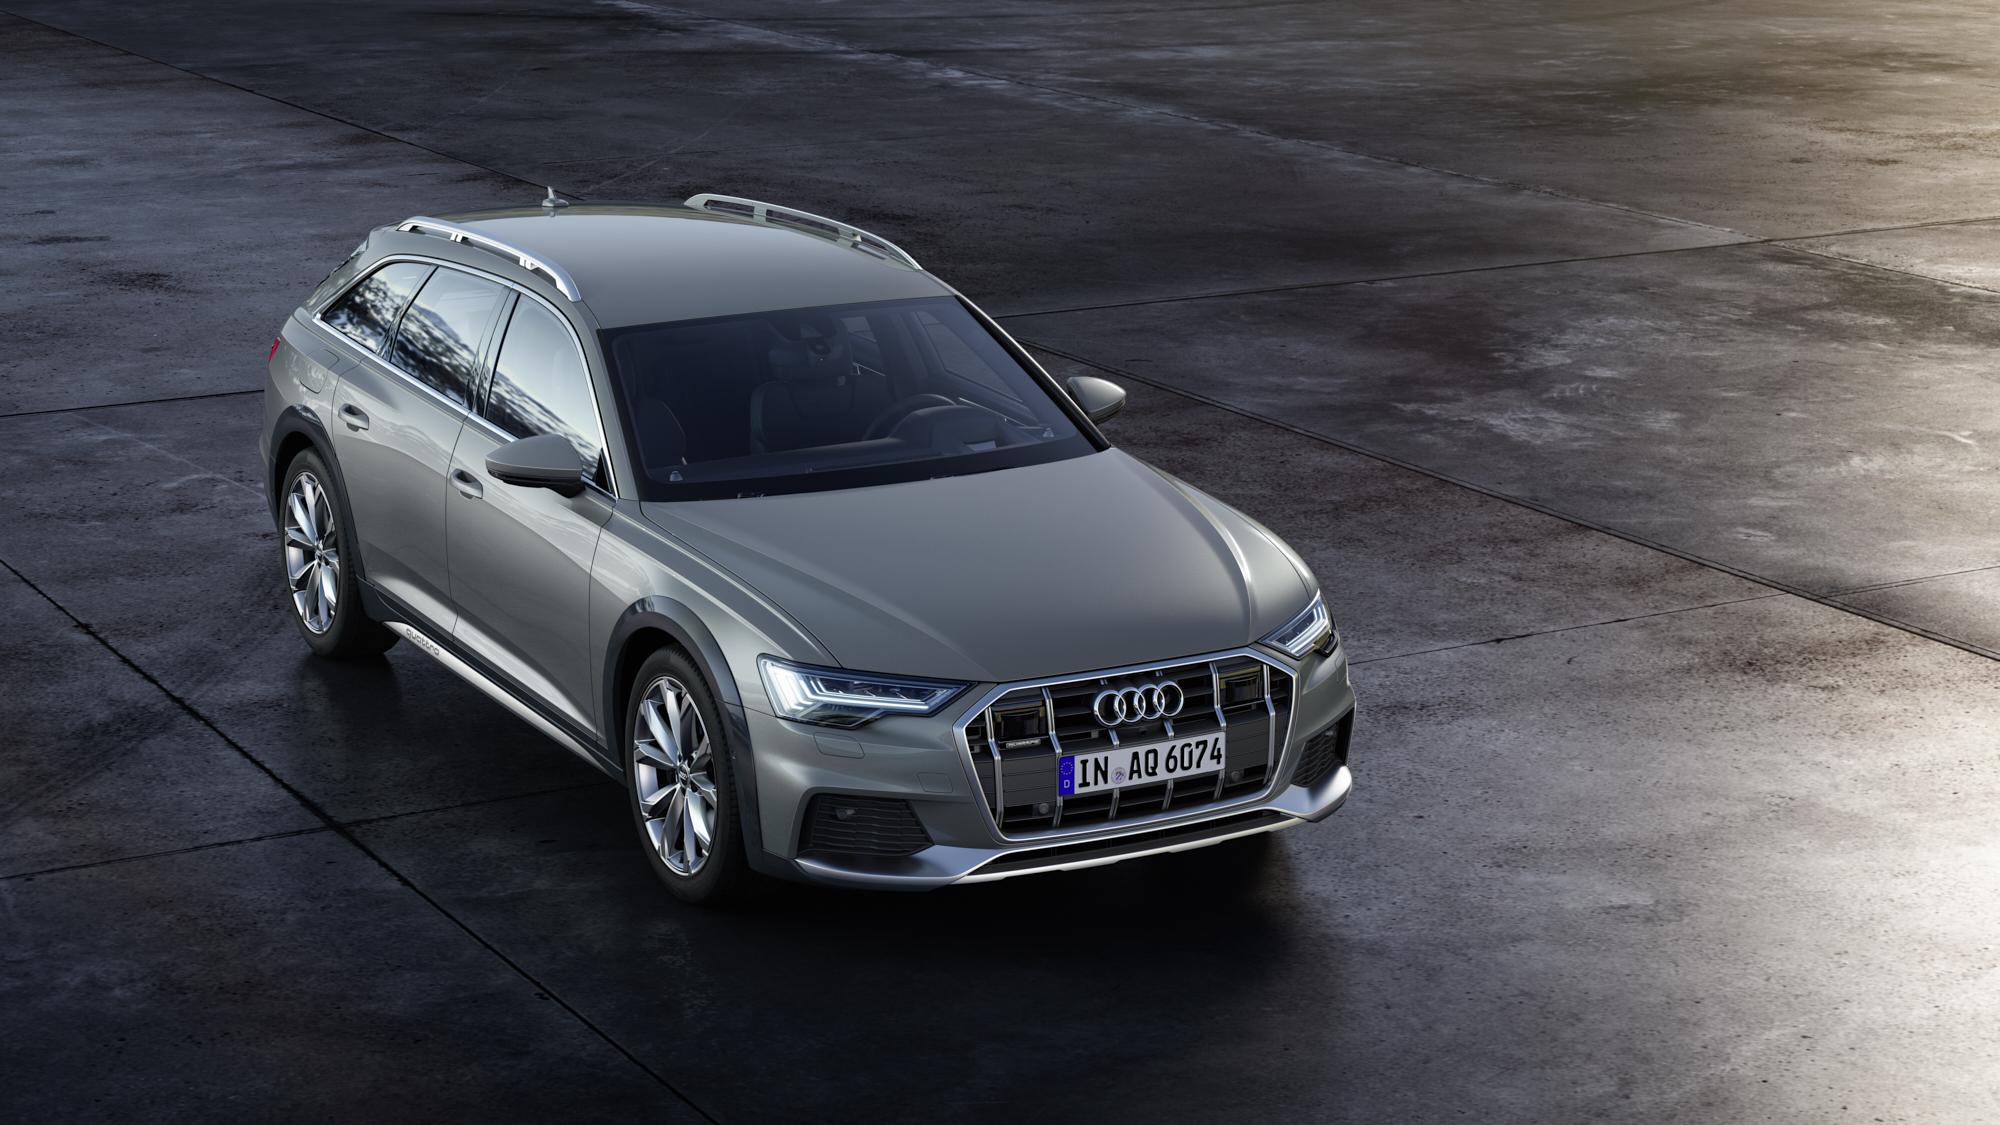 RWink_Audi_A6_Allroad_Static_007_B2200